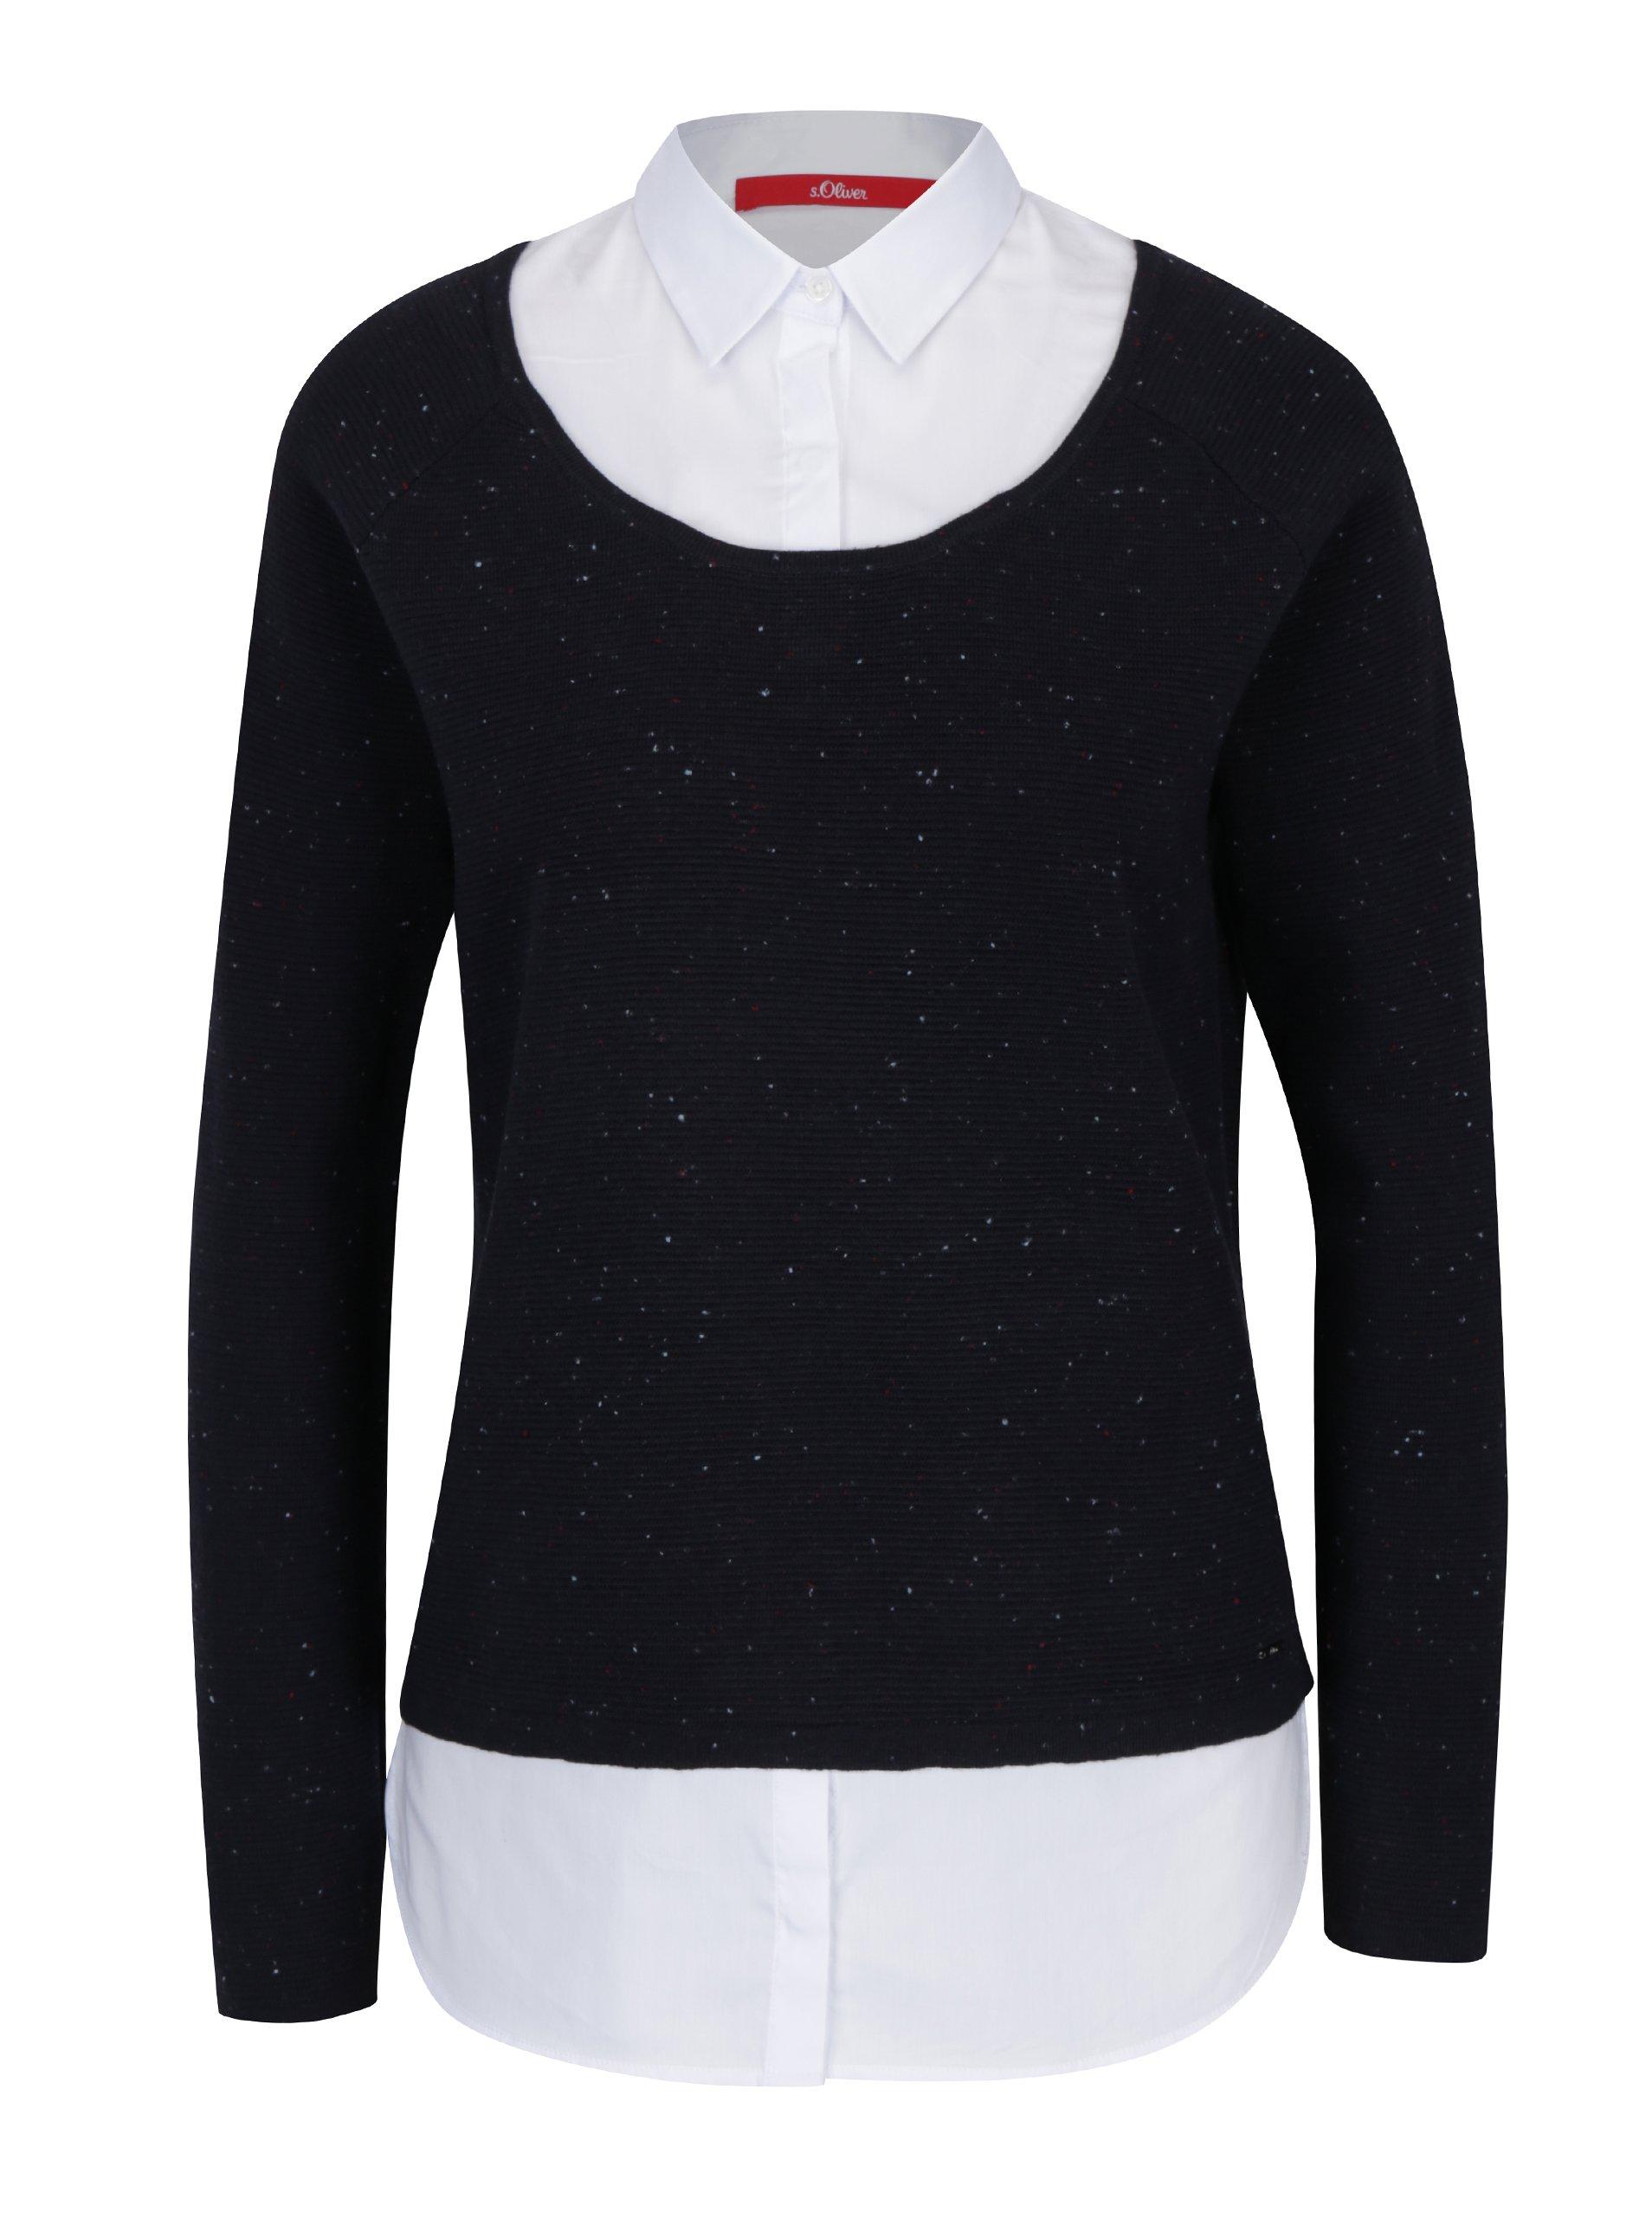 Tmavě modrý dámský žíhaný svetr s všitou košilí 2v1 s.Oliver